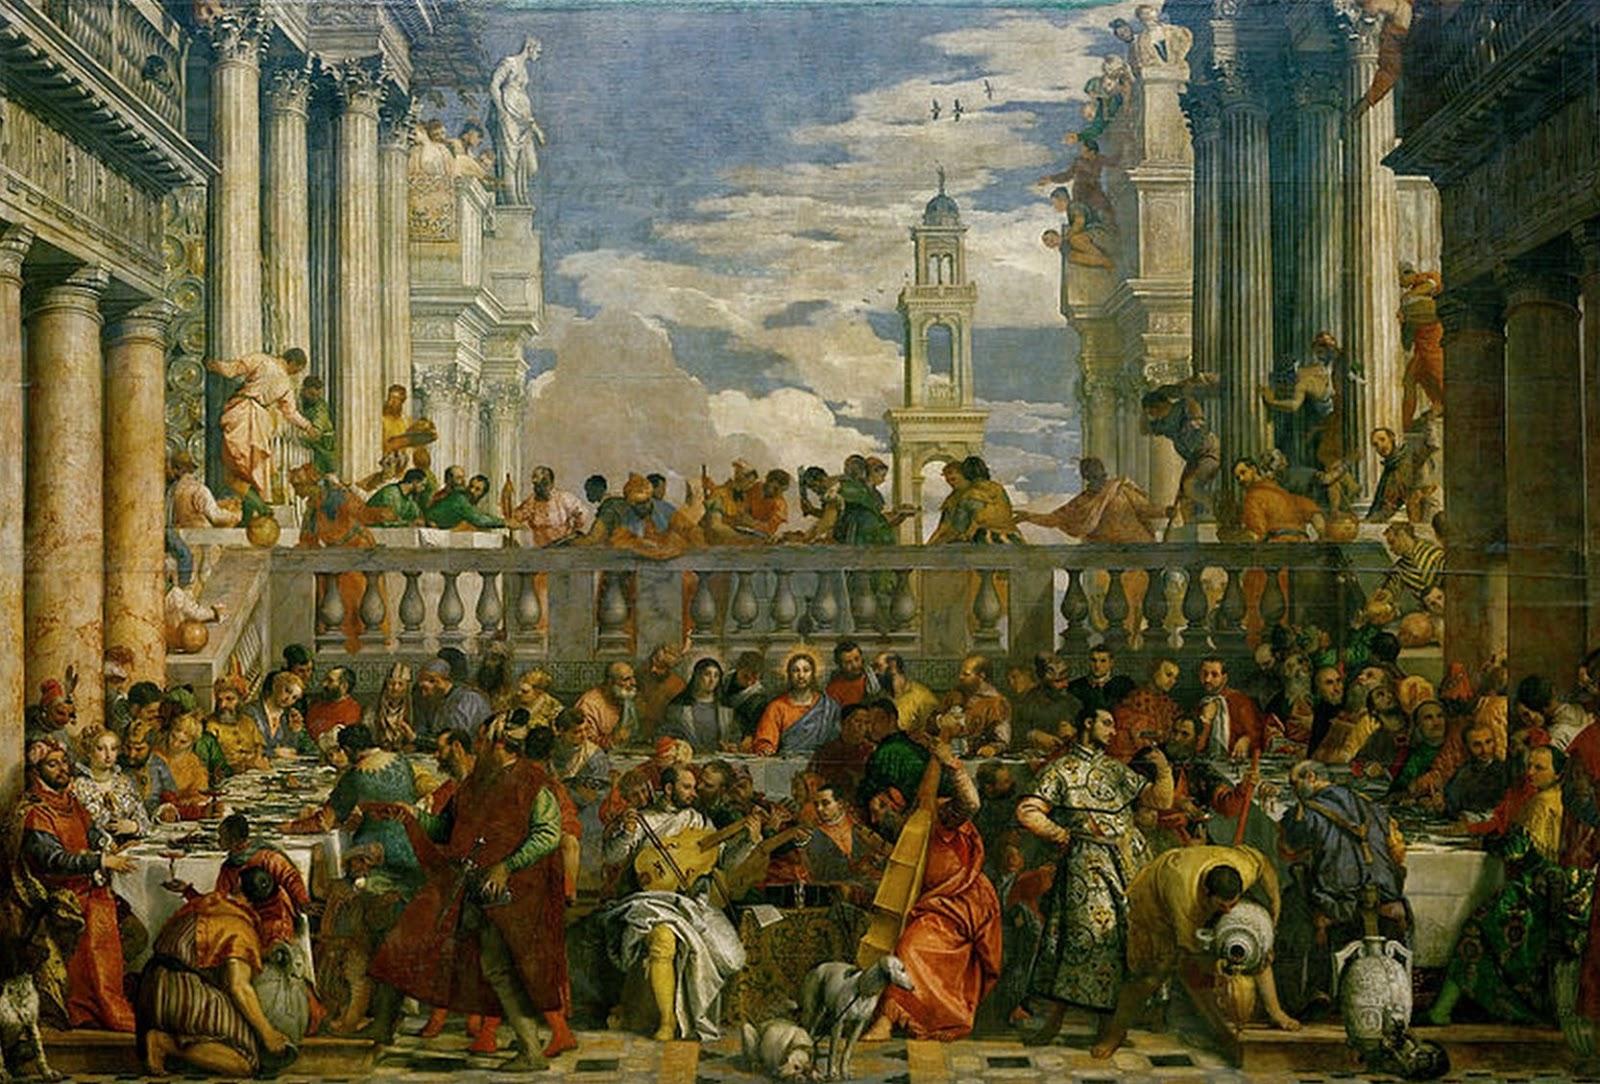 Pinturas Cuadros Lienzos al Óleo: Las bodas de Caná, 1563, El ...: elclubdelartelatino.blogspot.com/2013/02/pintor-paolo-cagliari-o-el...